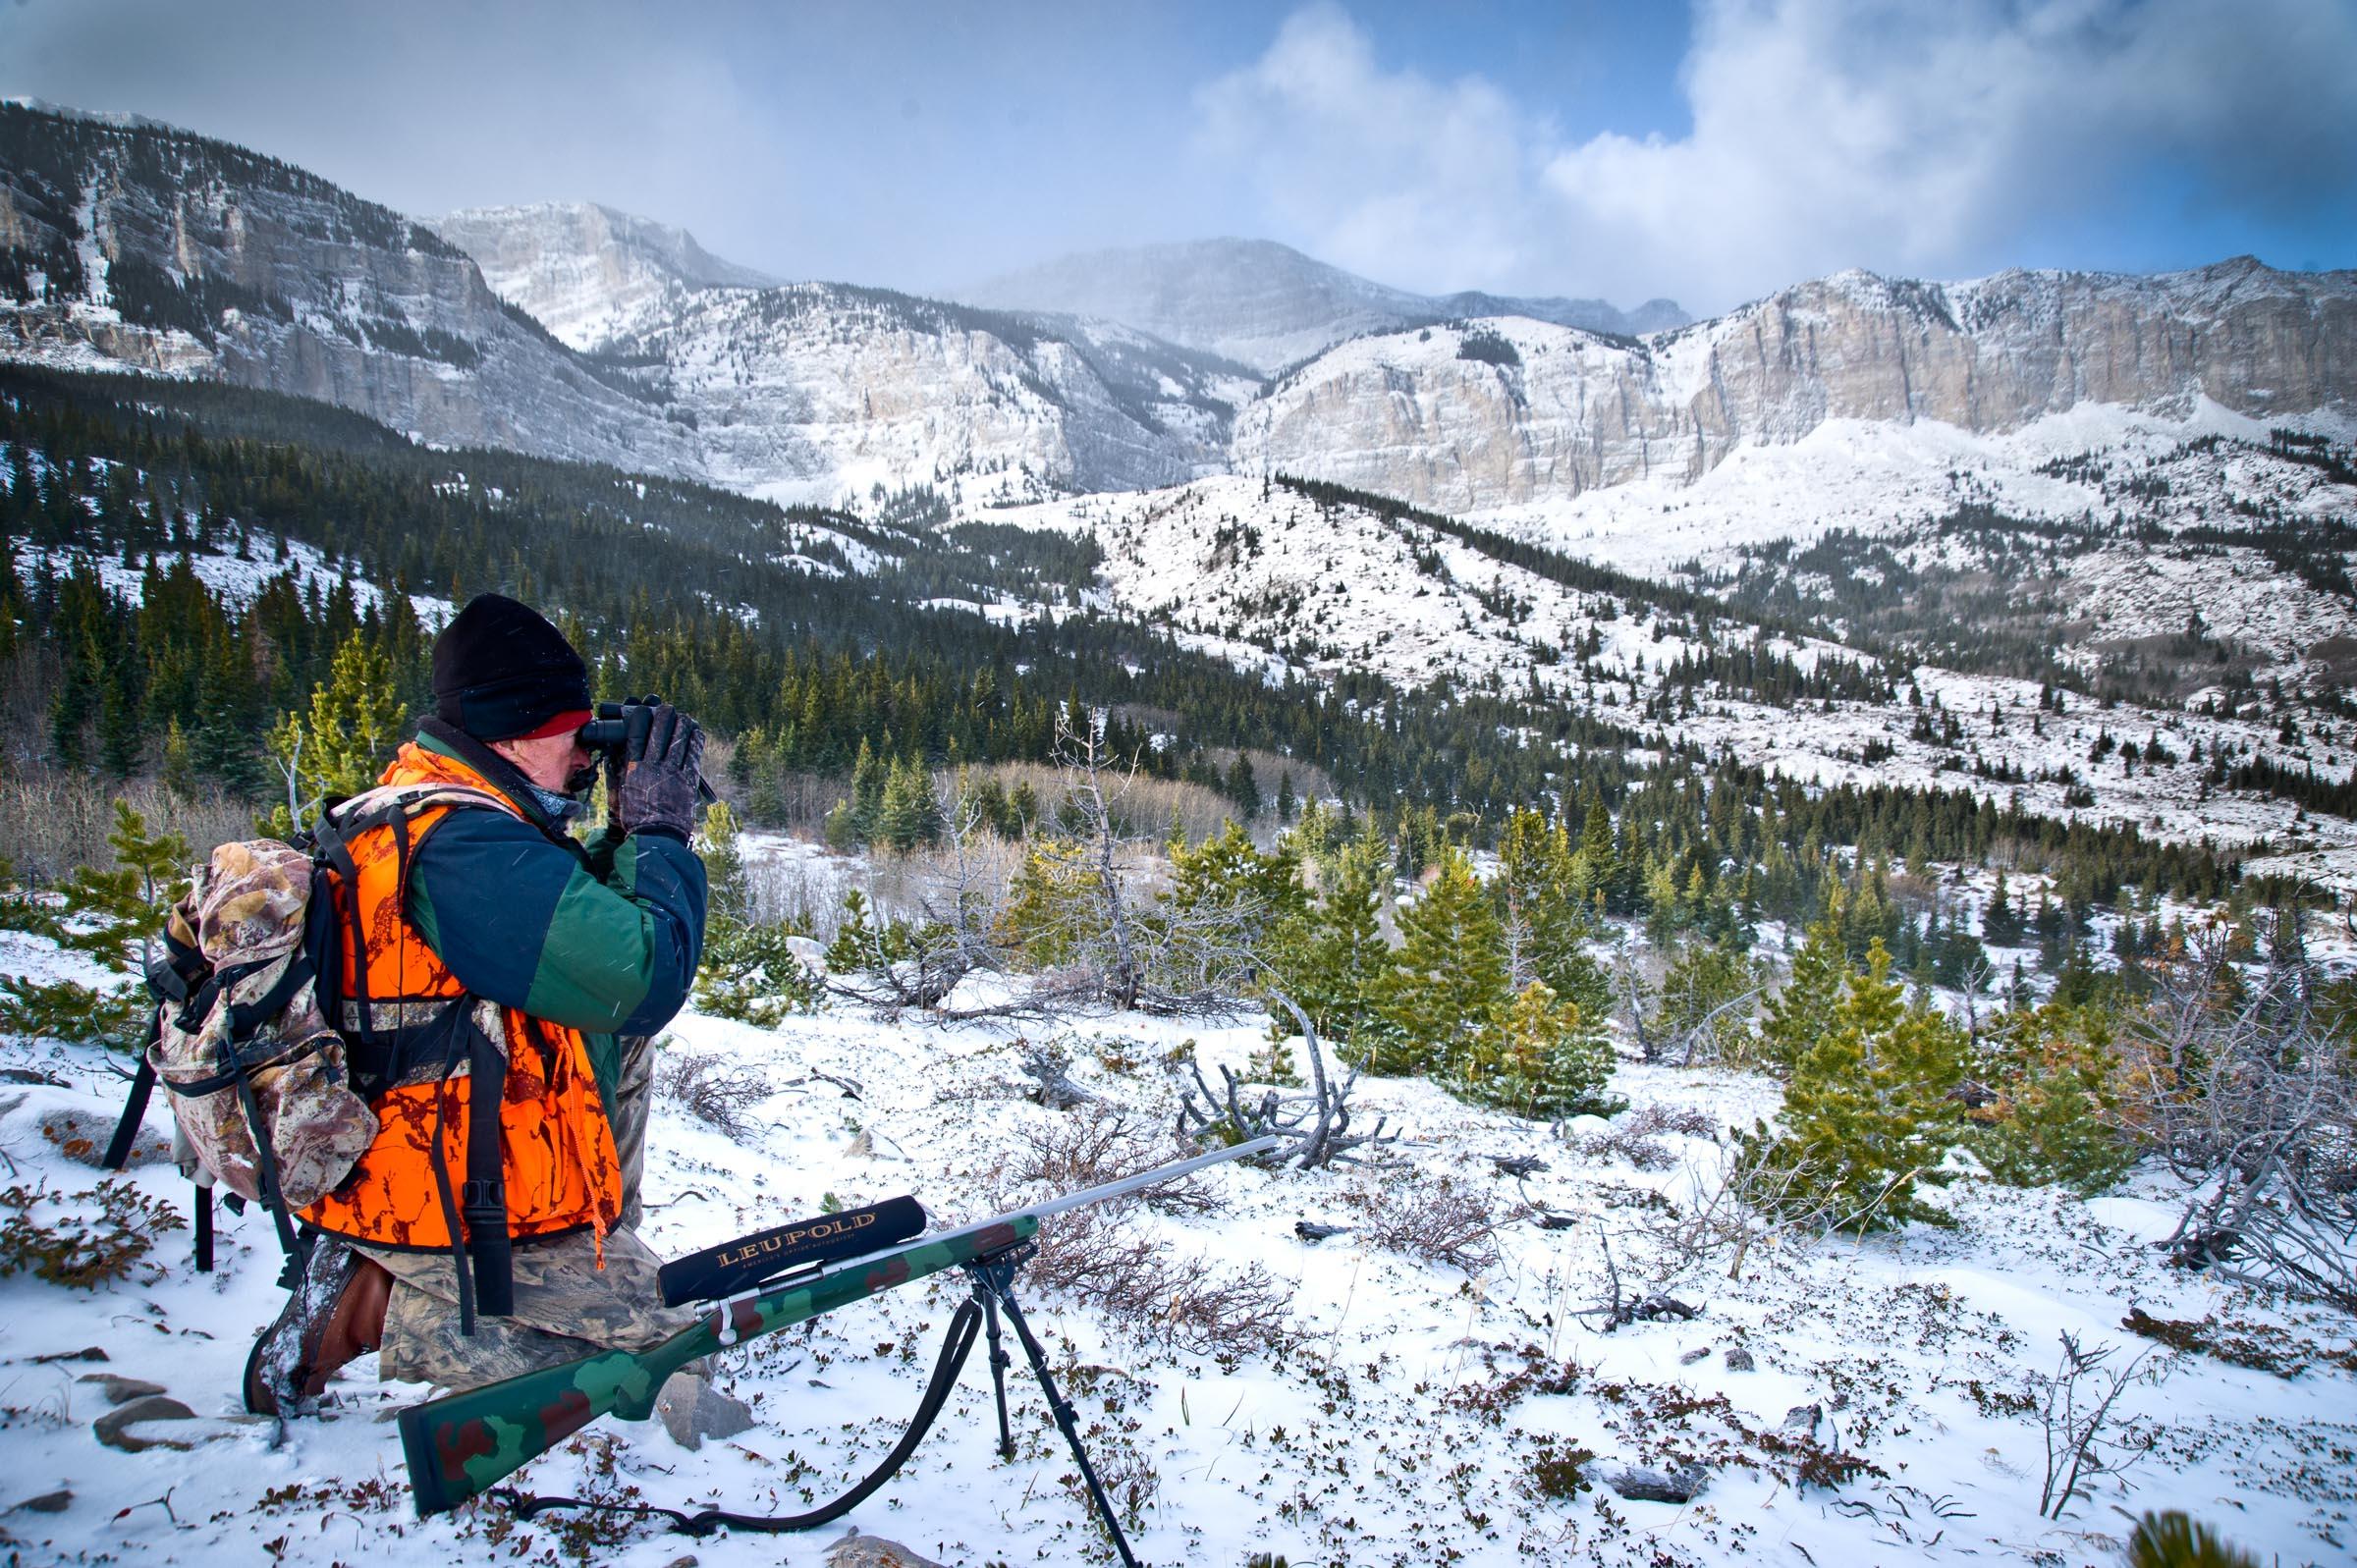 Hunting mule deer in Montana. © Tony Bynum